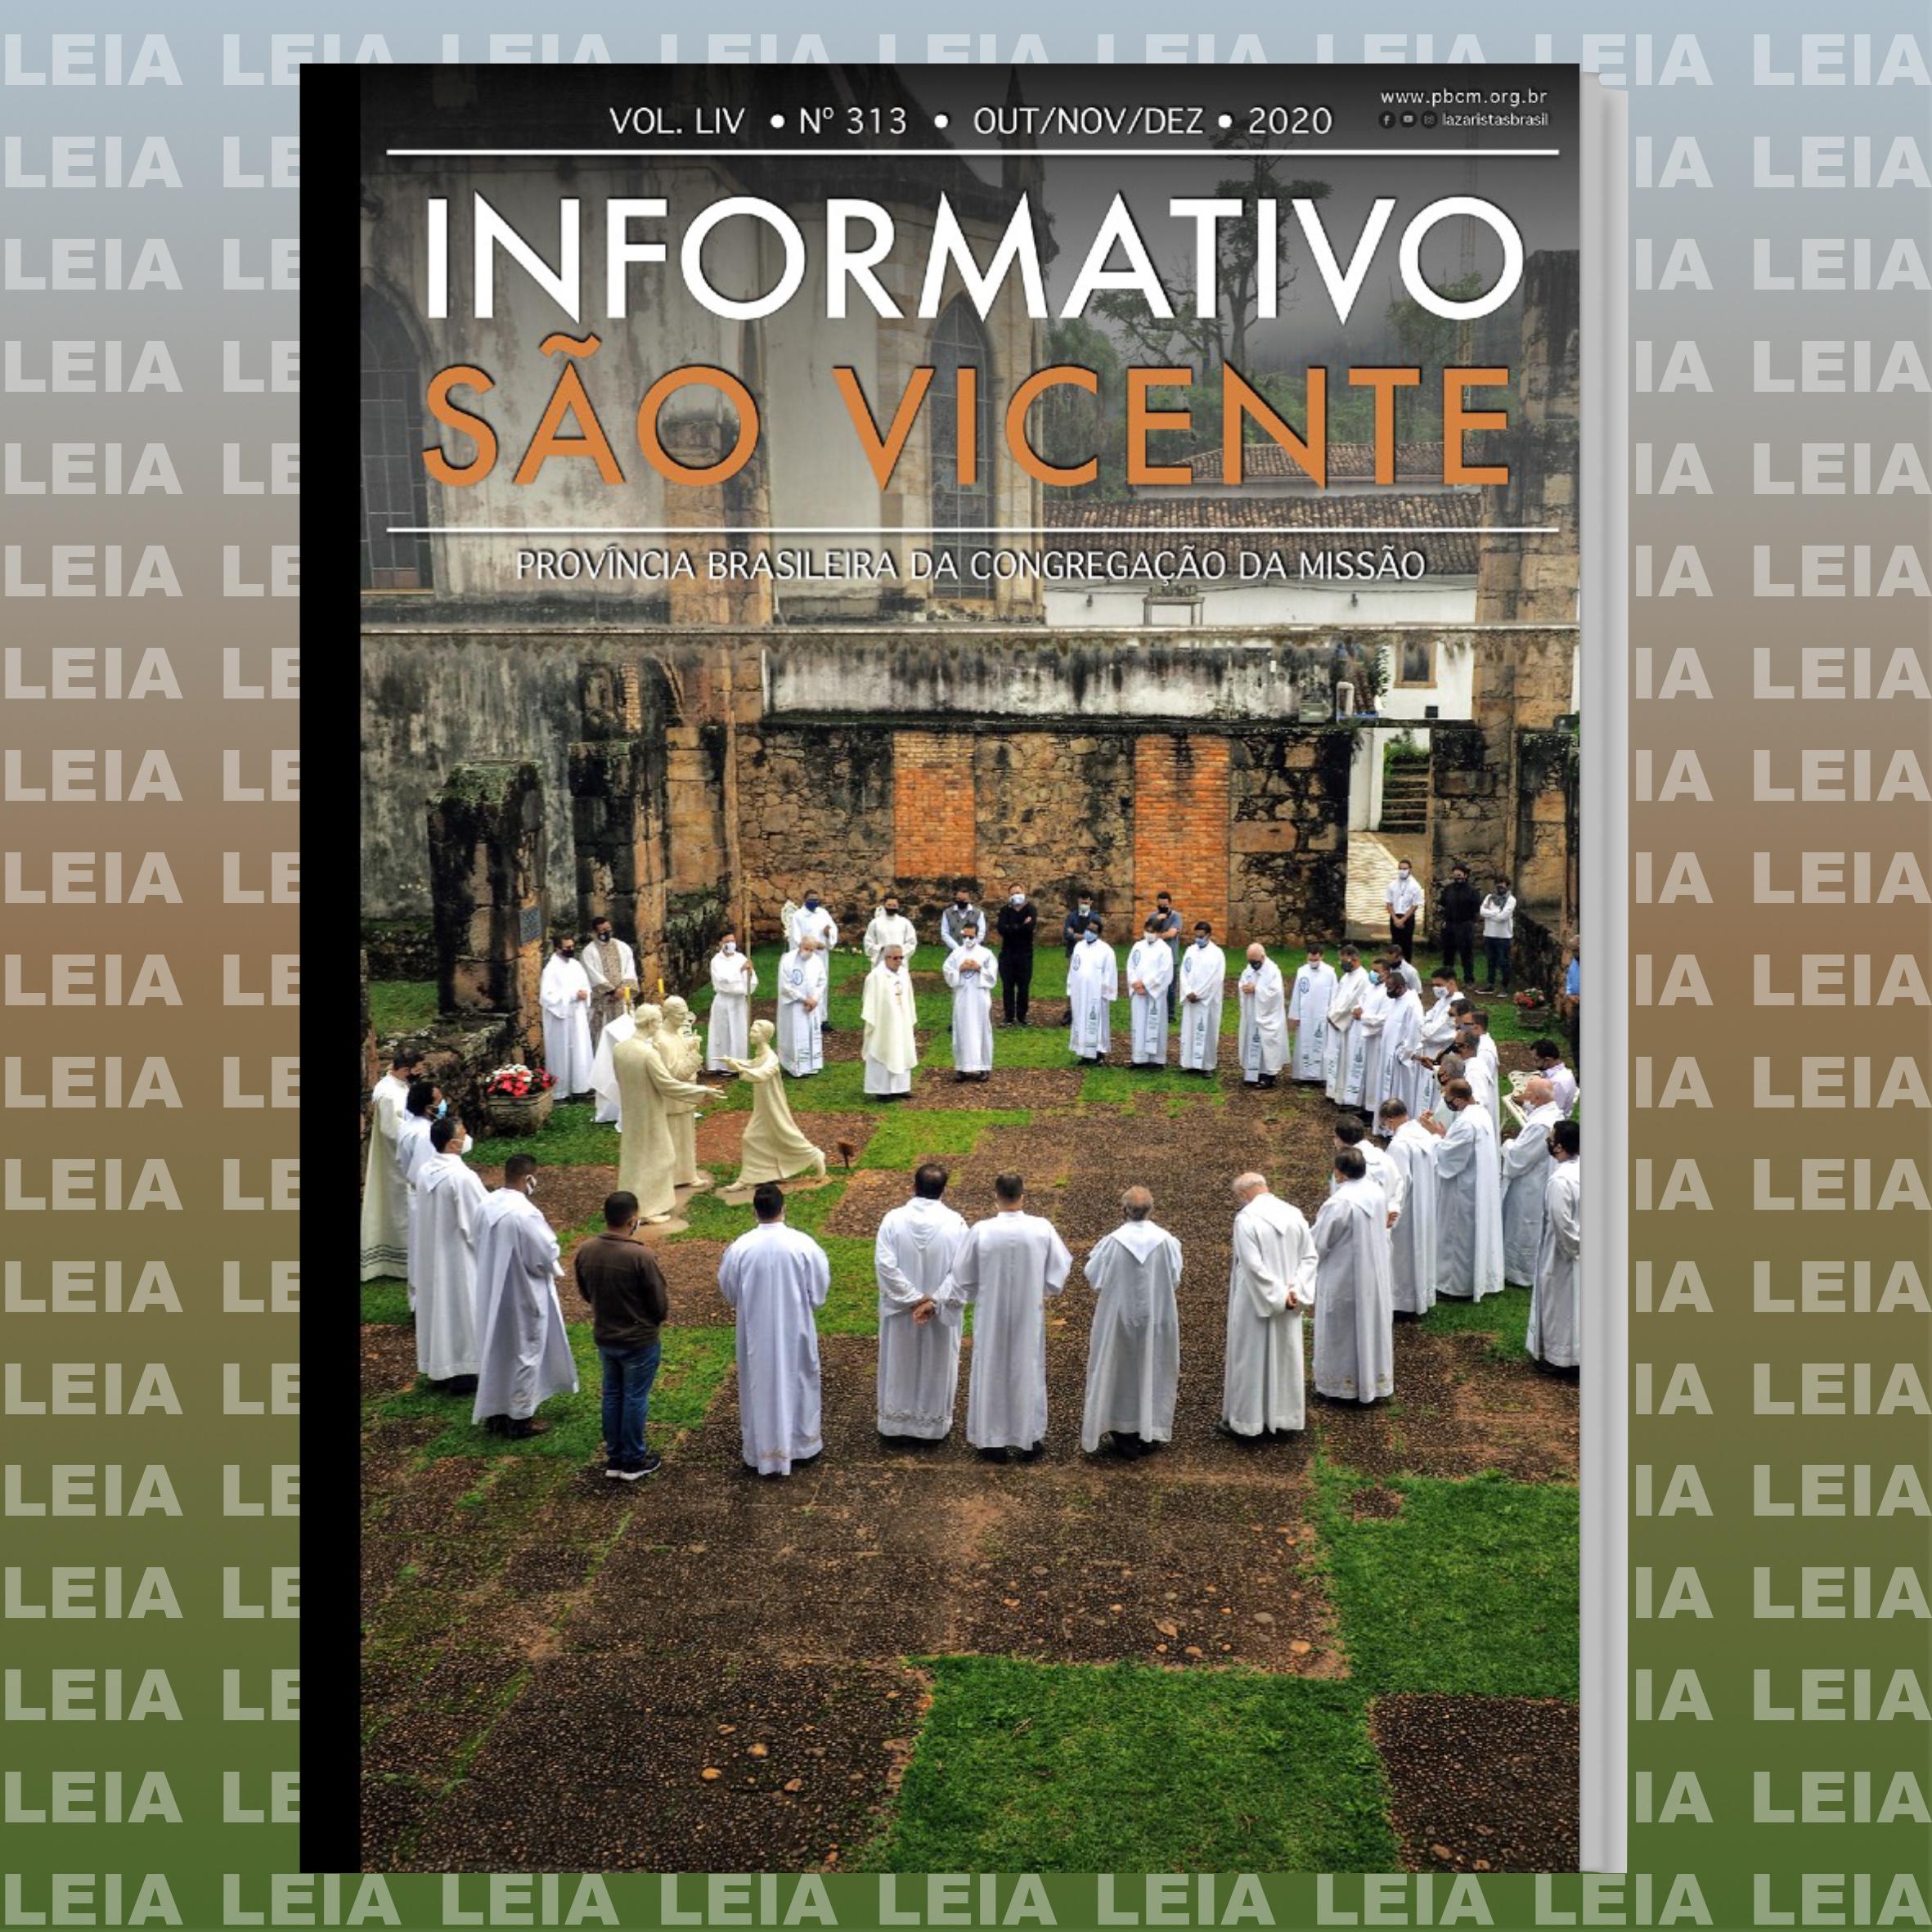 Capa Informativo São Vicente 313